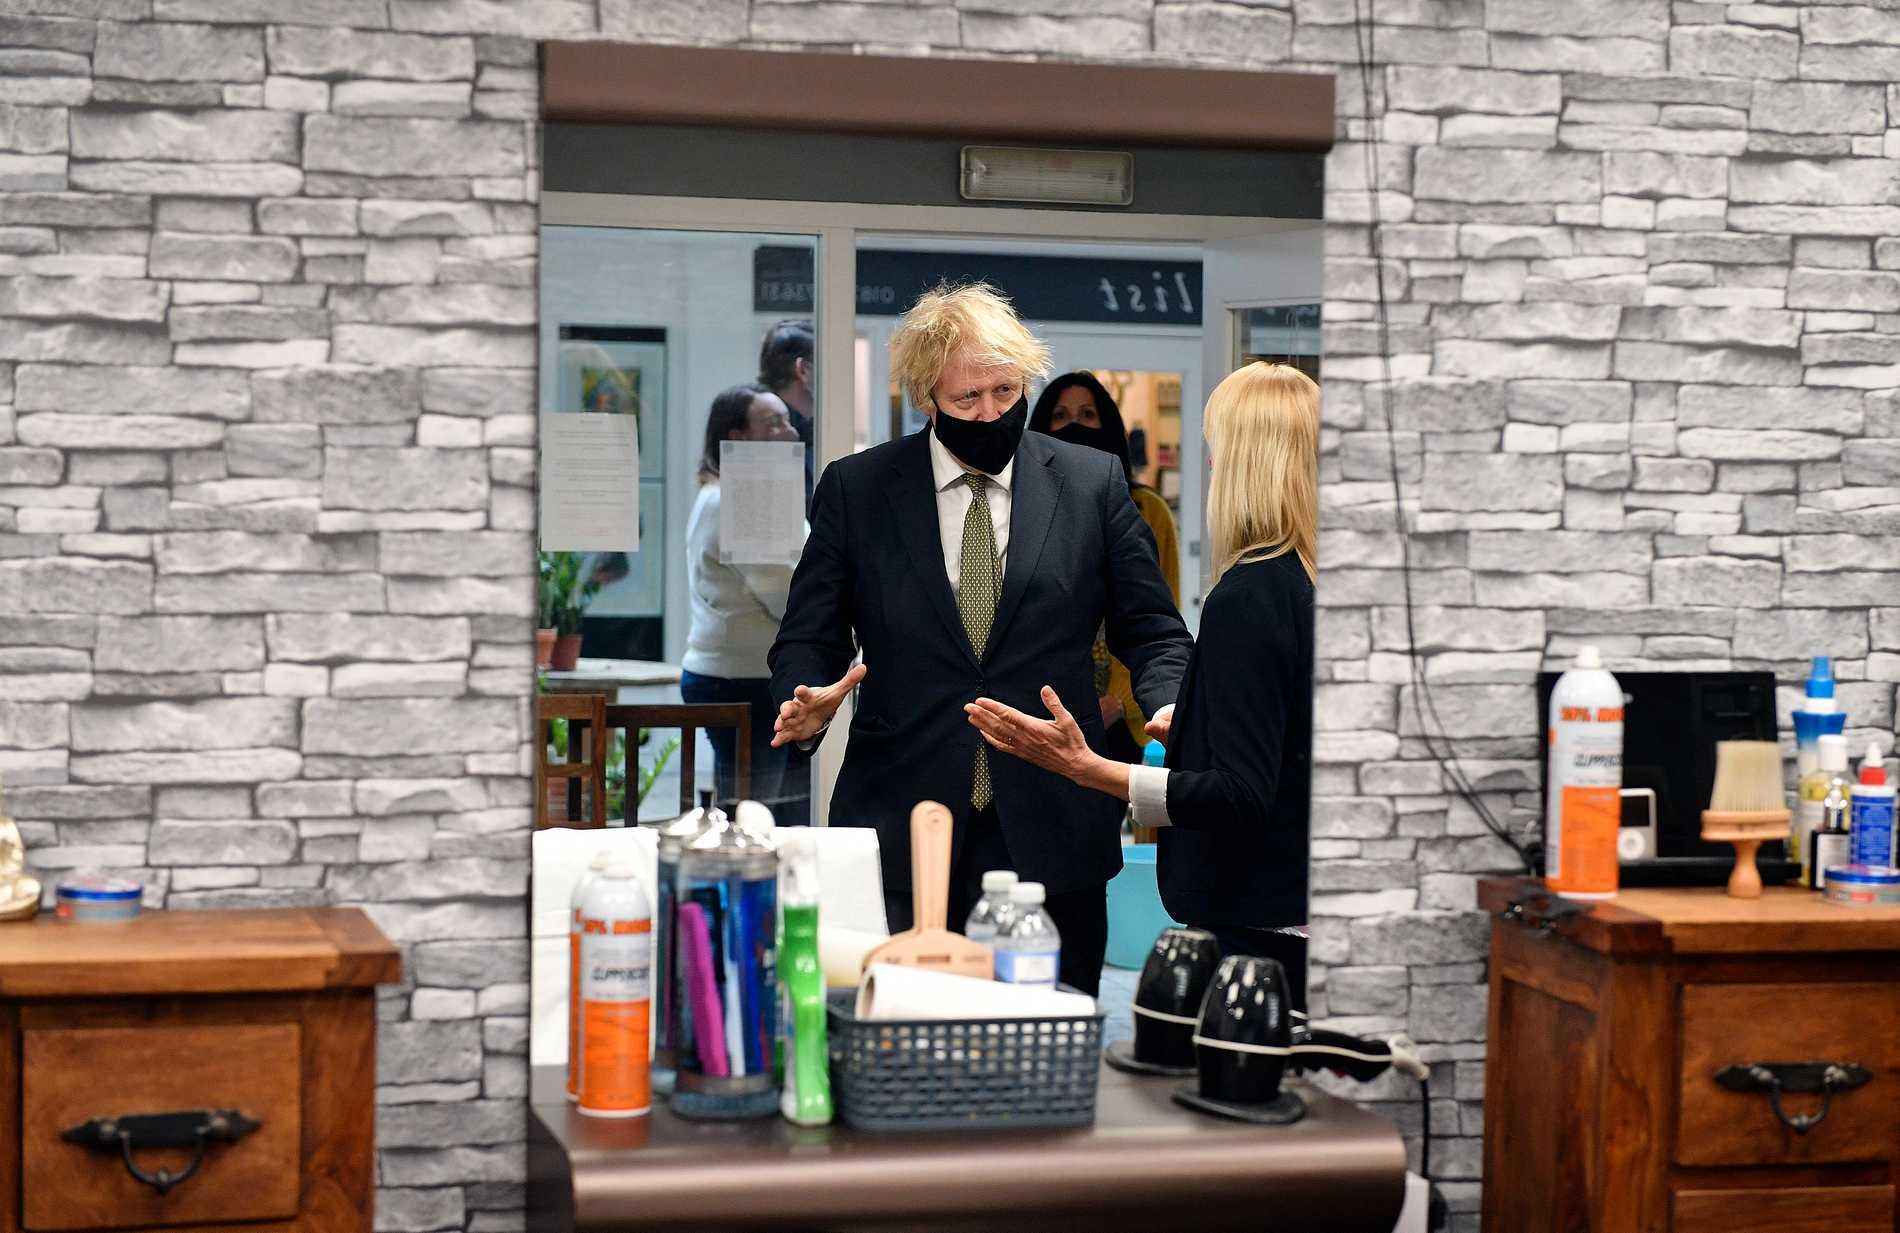 Boris Johnson på besök hos en frisör på onsdagen. Någon ny frisyr blev det inte just den här gången, utan premiärministern klippte sig på måndagen när salongerna öppnade upp igen.